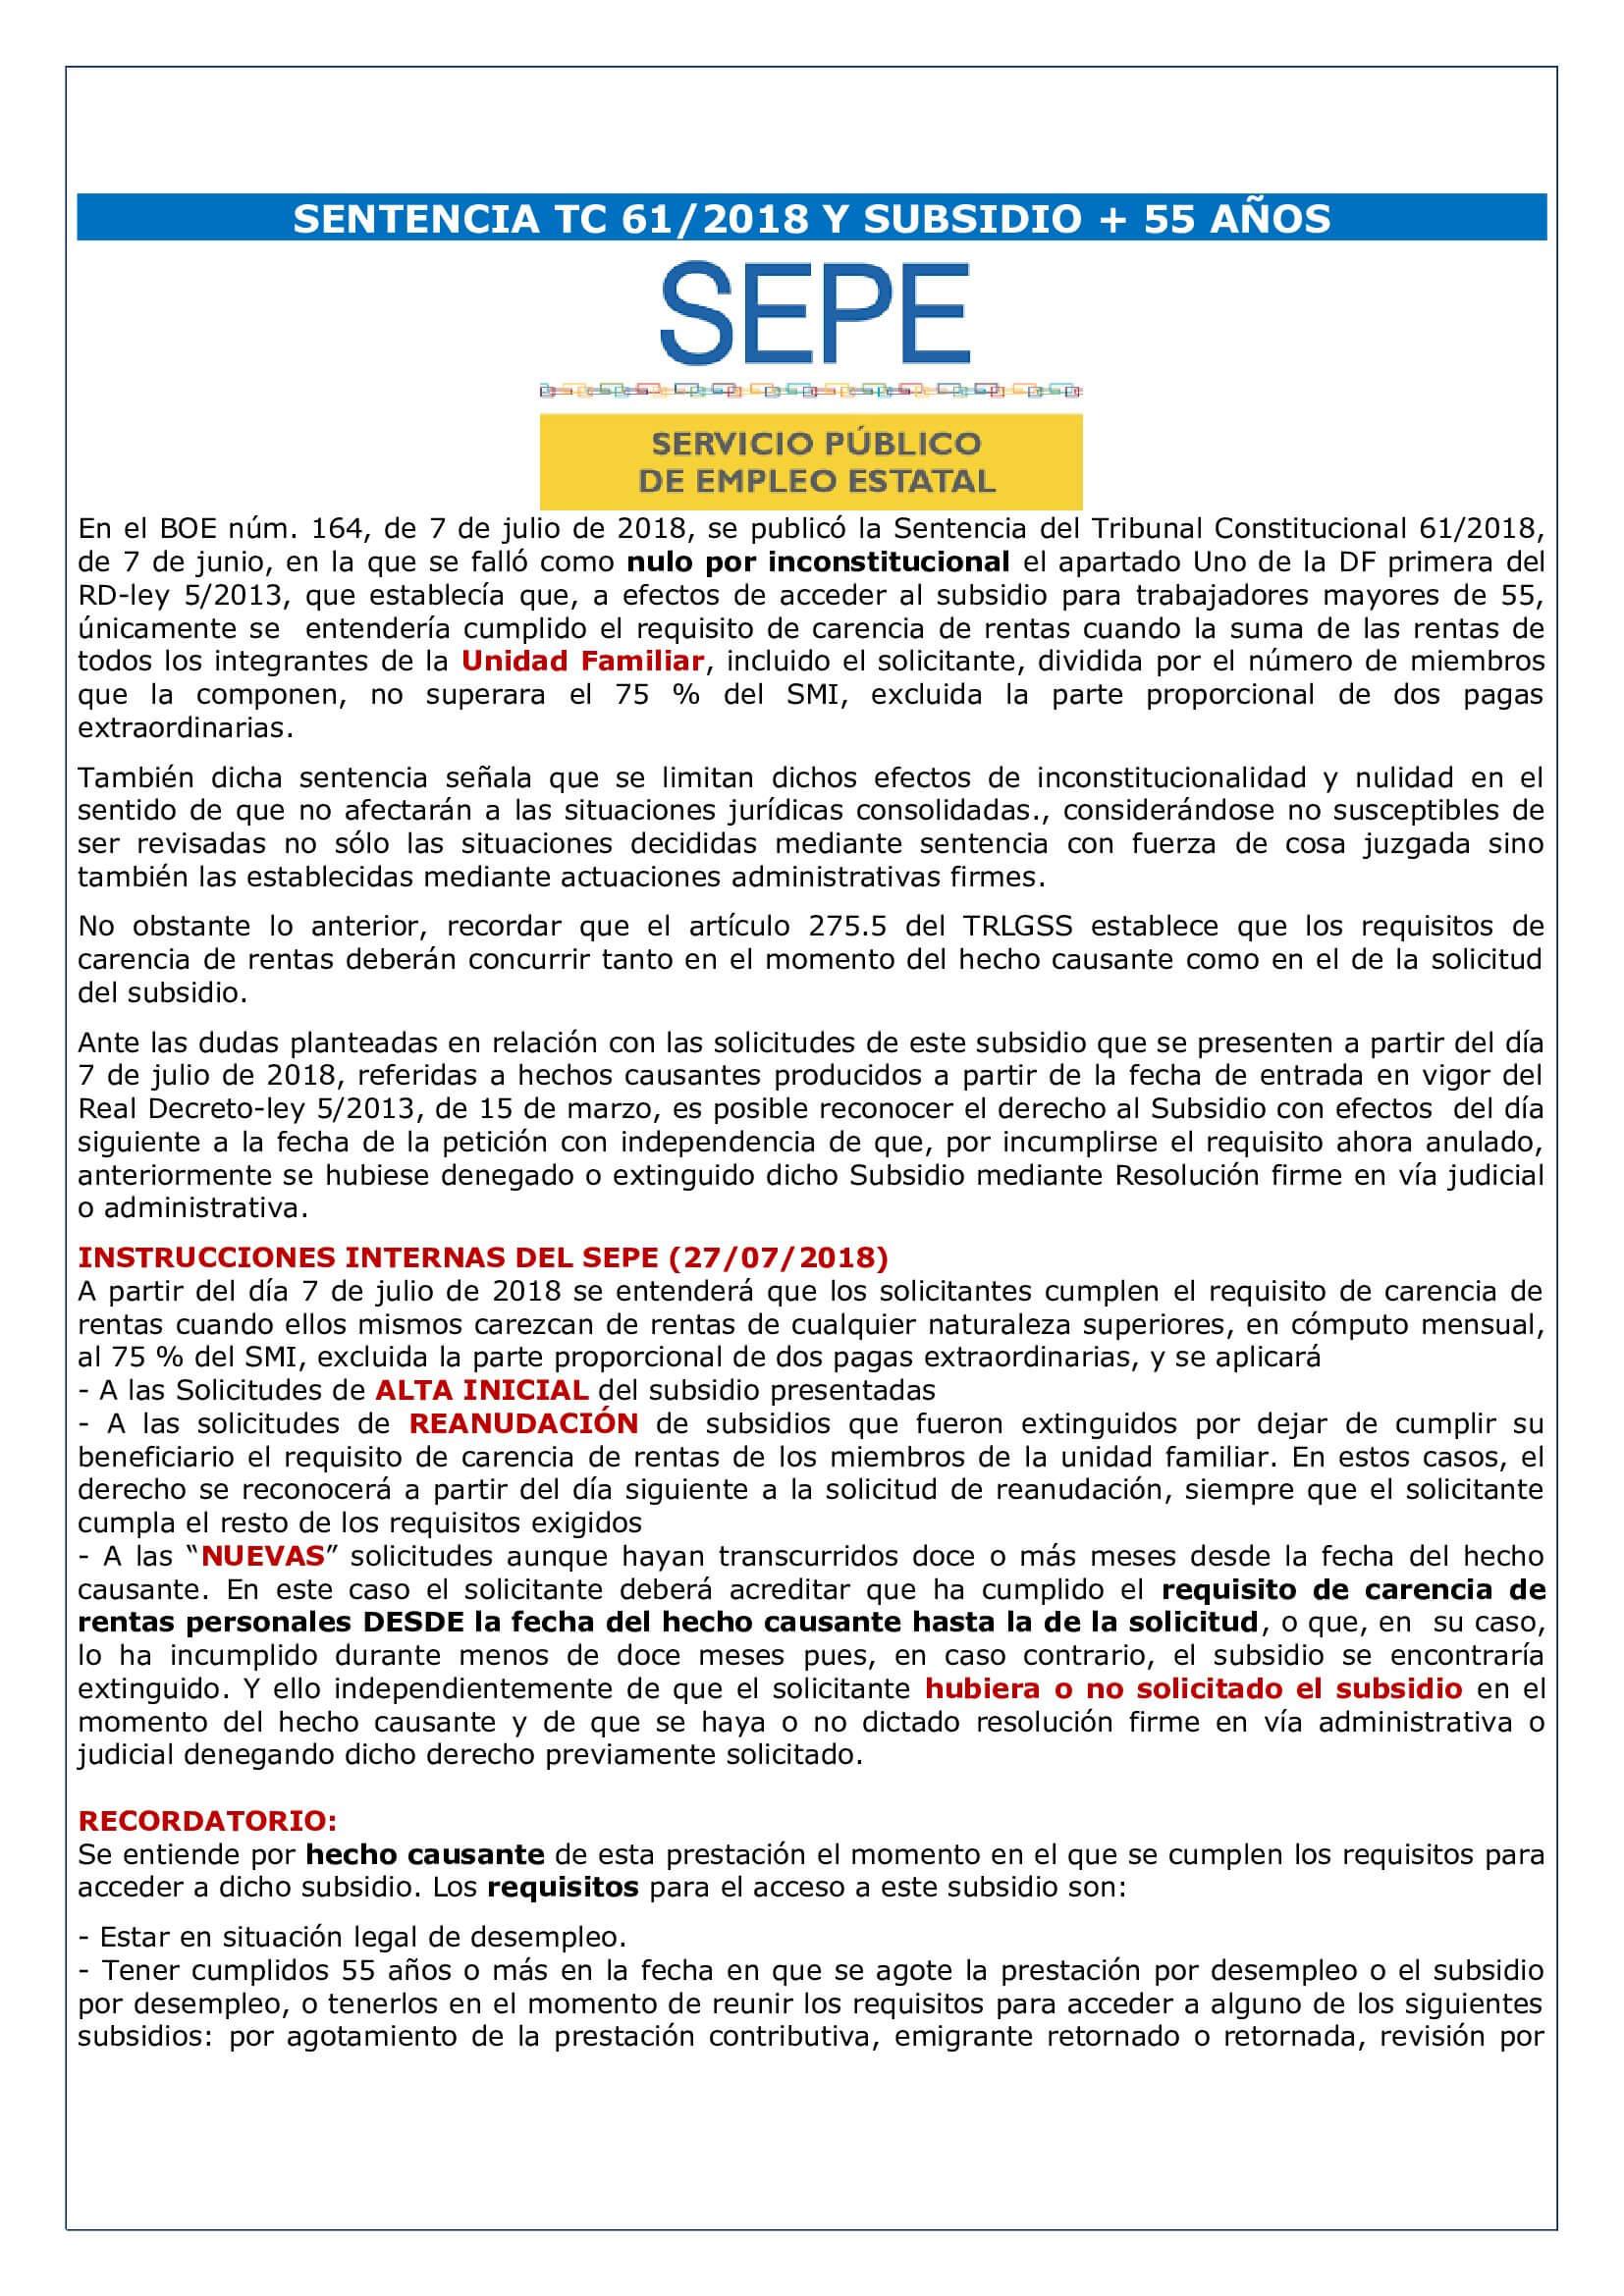 SENTENCIA TC 61/2018 Y SUBSIDIO + 55 AÑOS - Laboral Pensiones